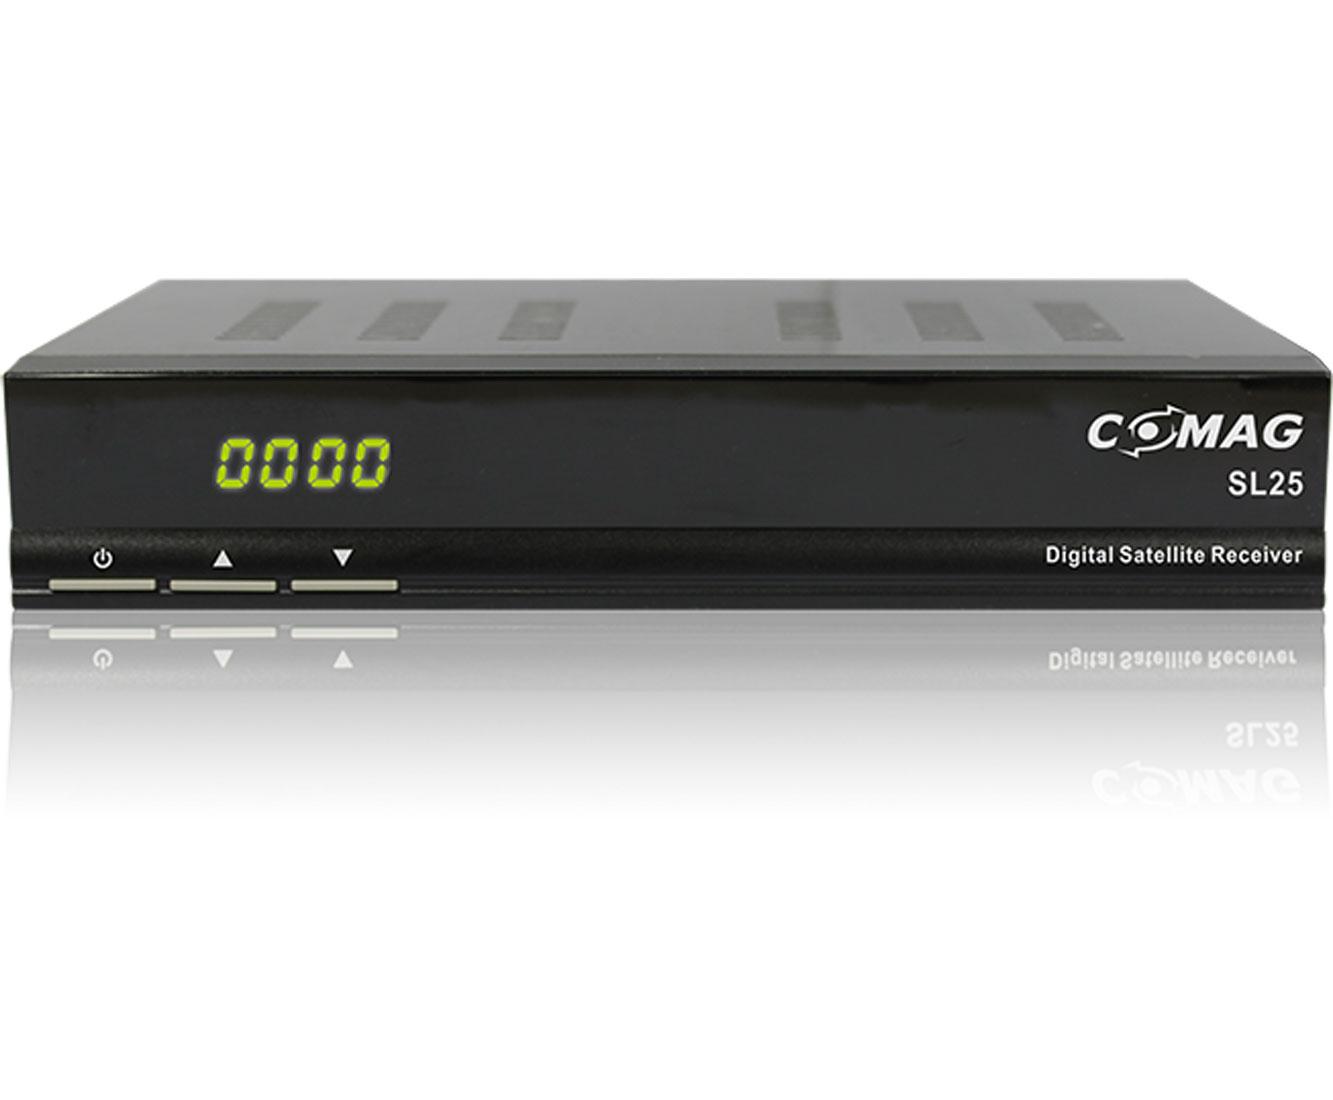 Comag SL25 Technisat Satelliten-Receiver